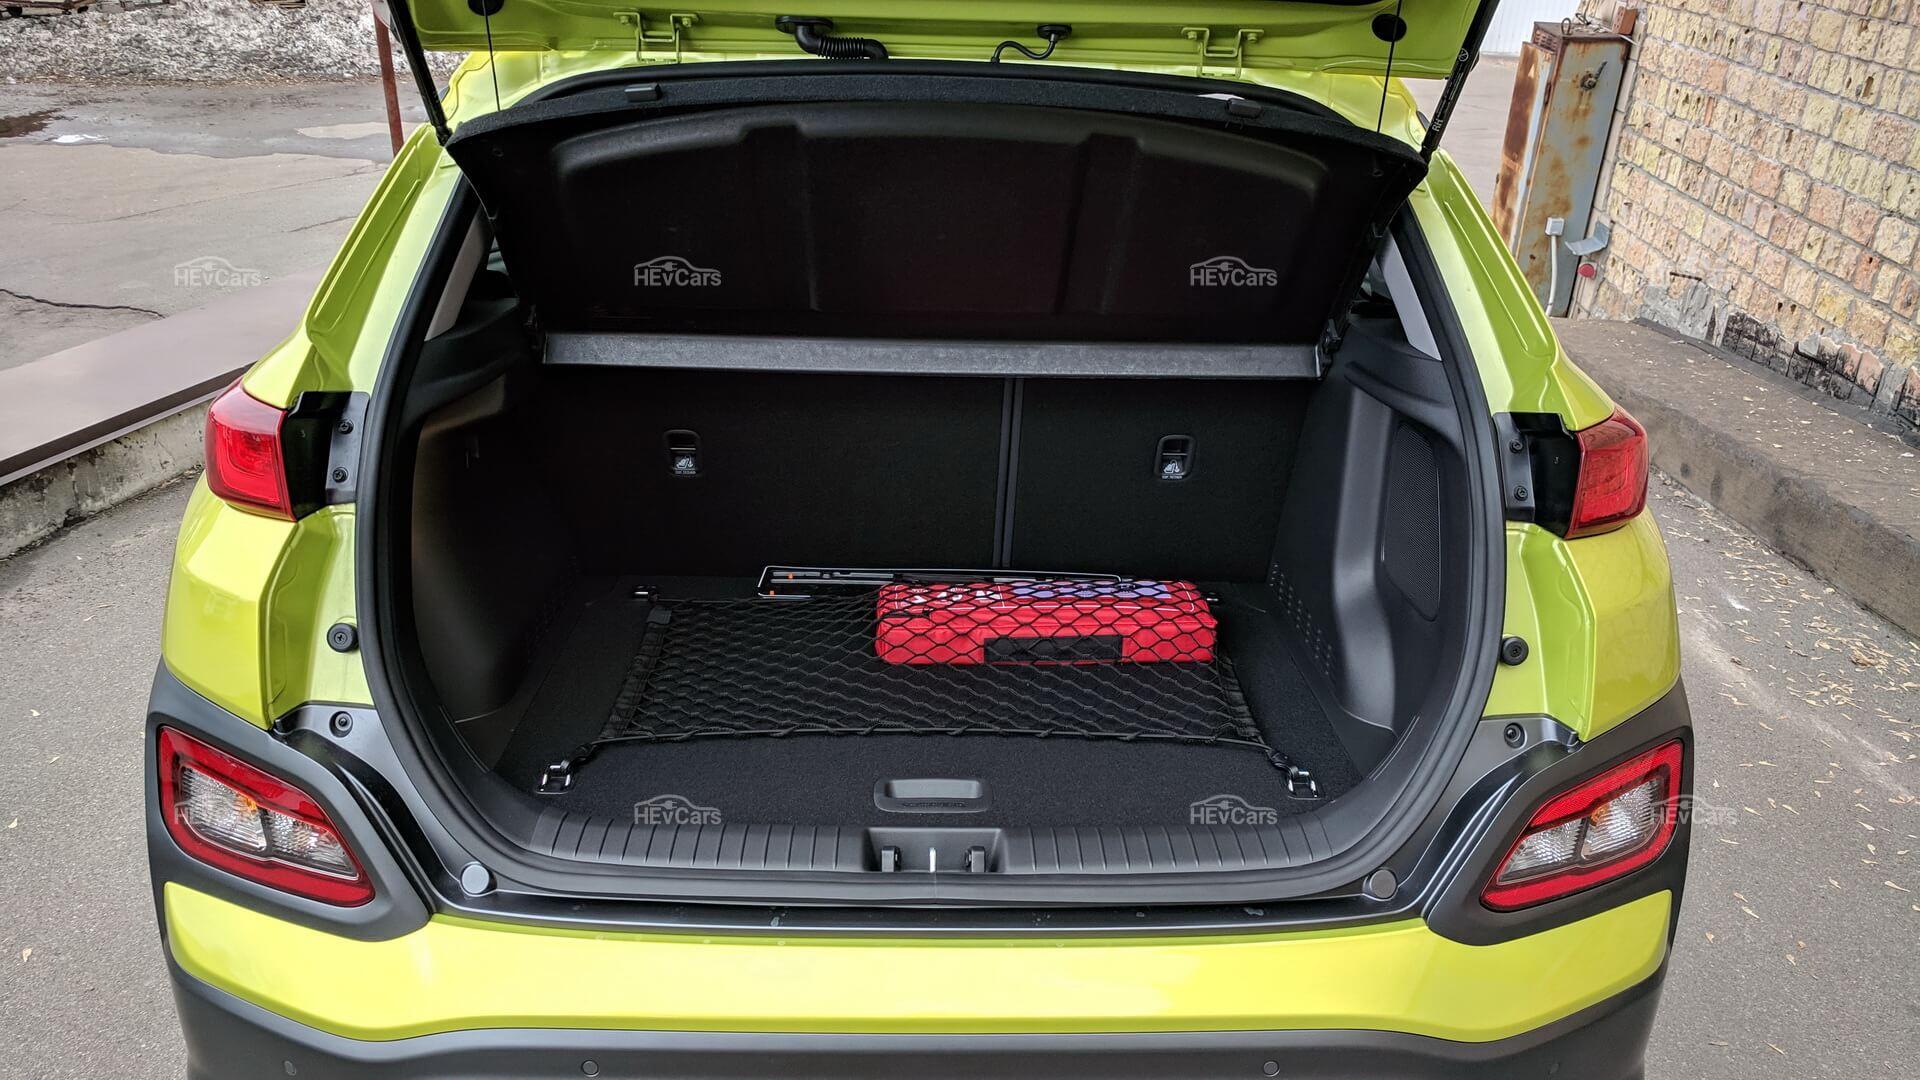 Багажное отделение, которое имеет нишу для зарядных кабелей